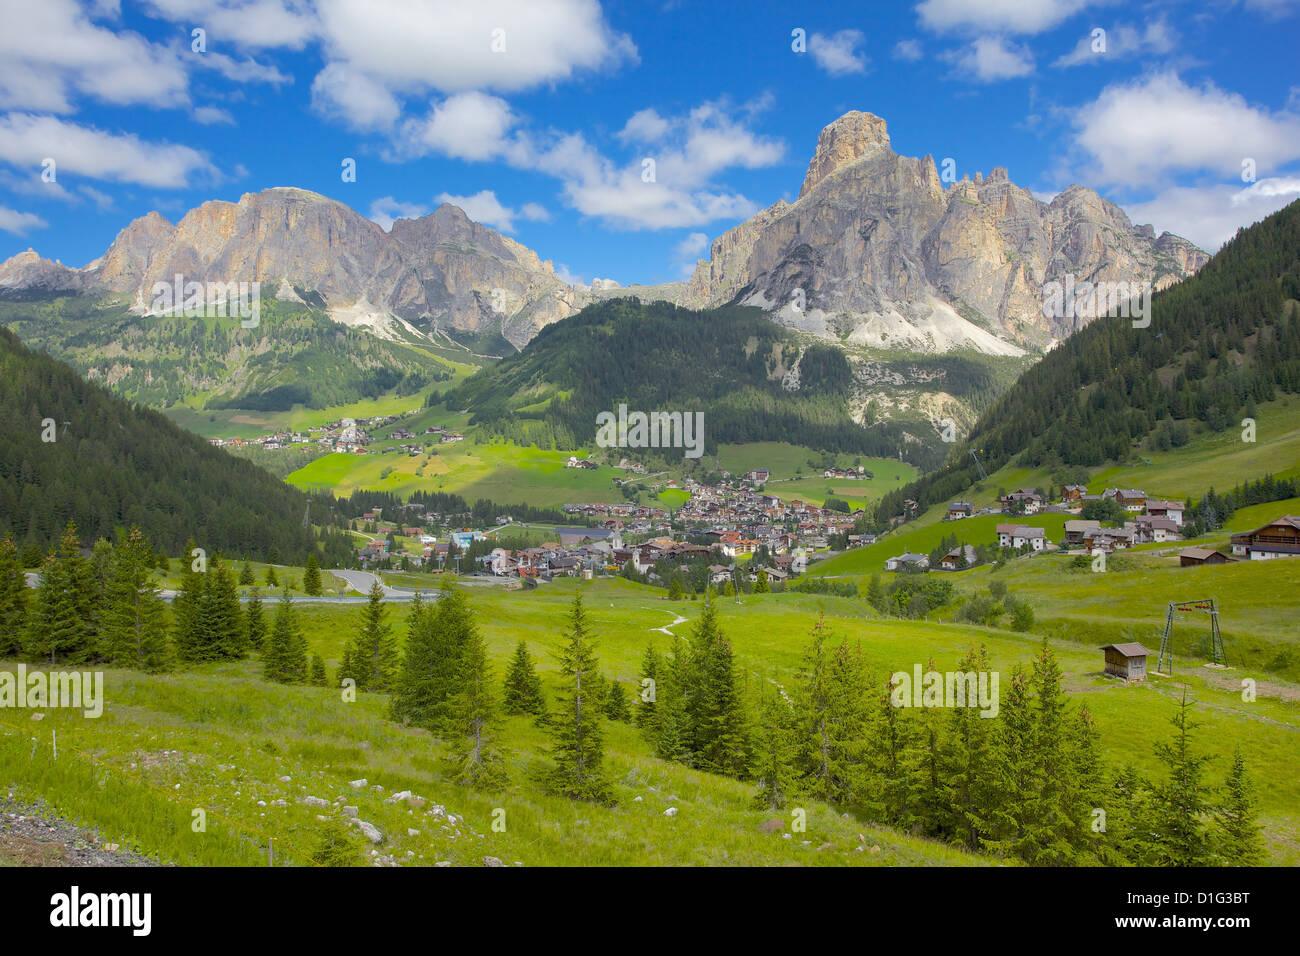 Corvara and Sass Songher Mountain, Badia Valley, Bolzano Province, Trentino-Alto Adige/South Tyrol, Italian Dolomites, Stock Photo